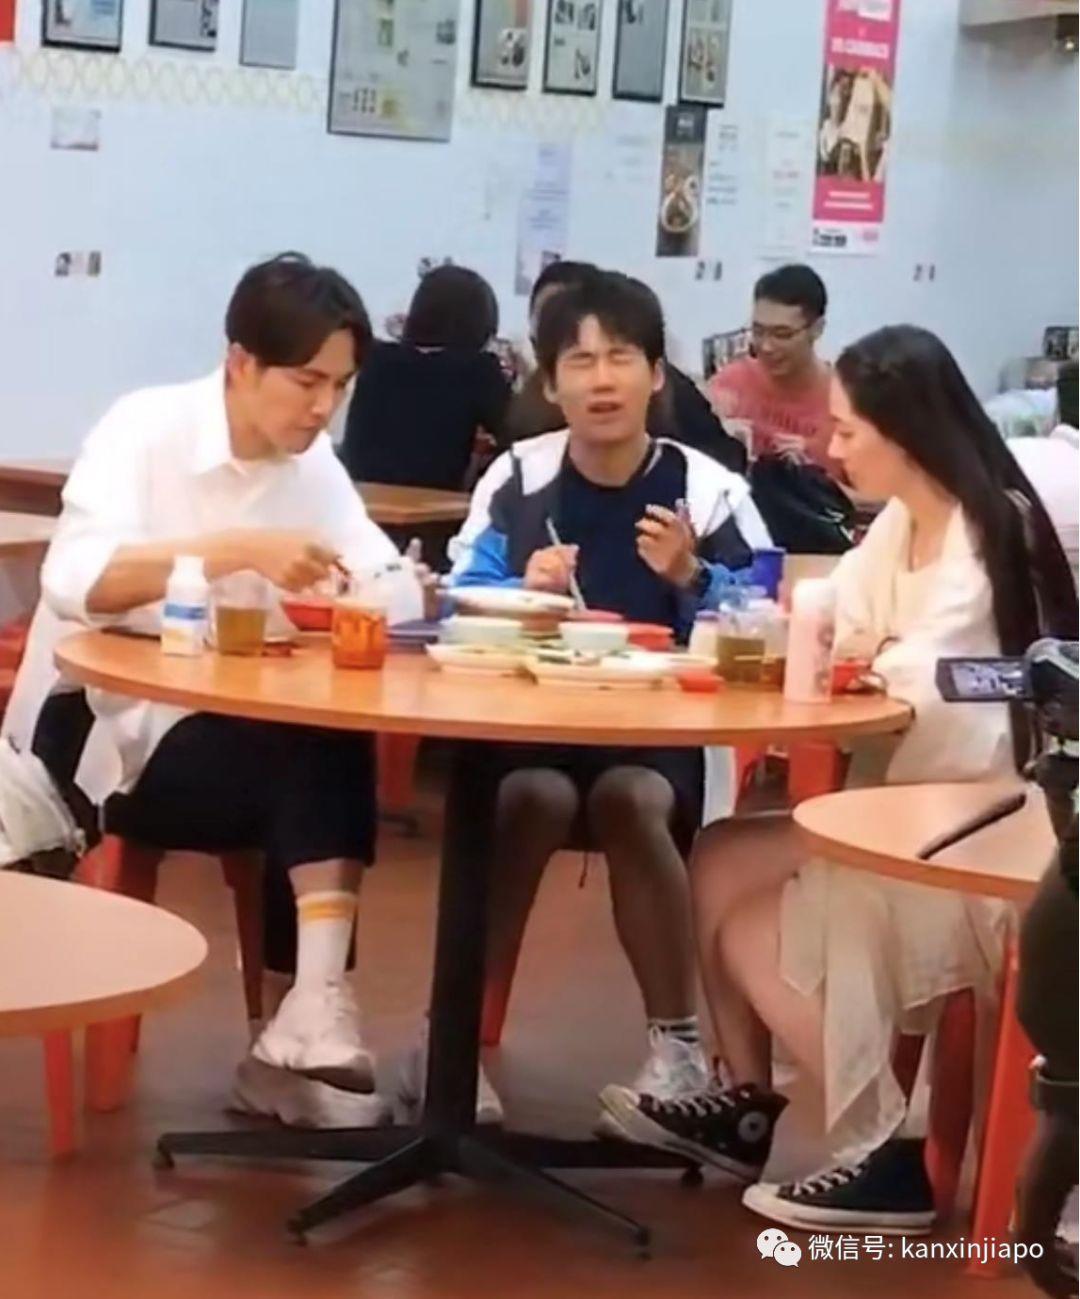 新加坡街头邂逅钟汉良、郭麒麟、郭碧婷,这是个什么组合?